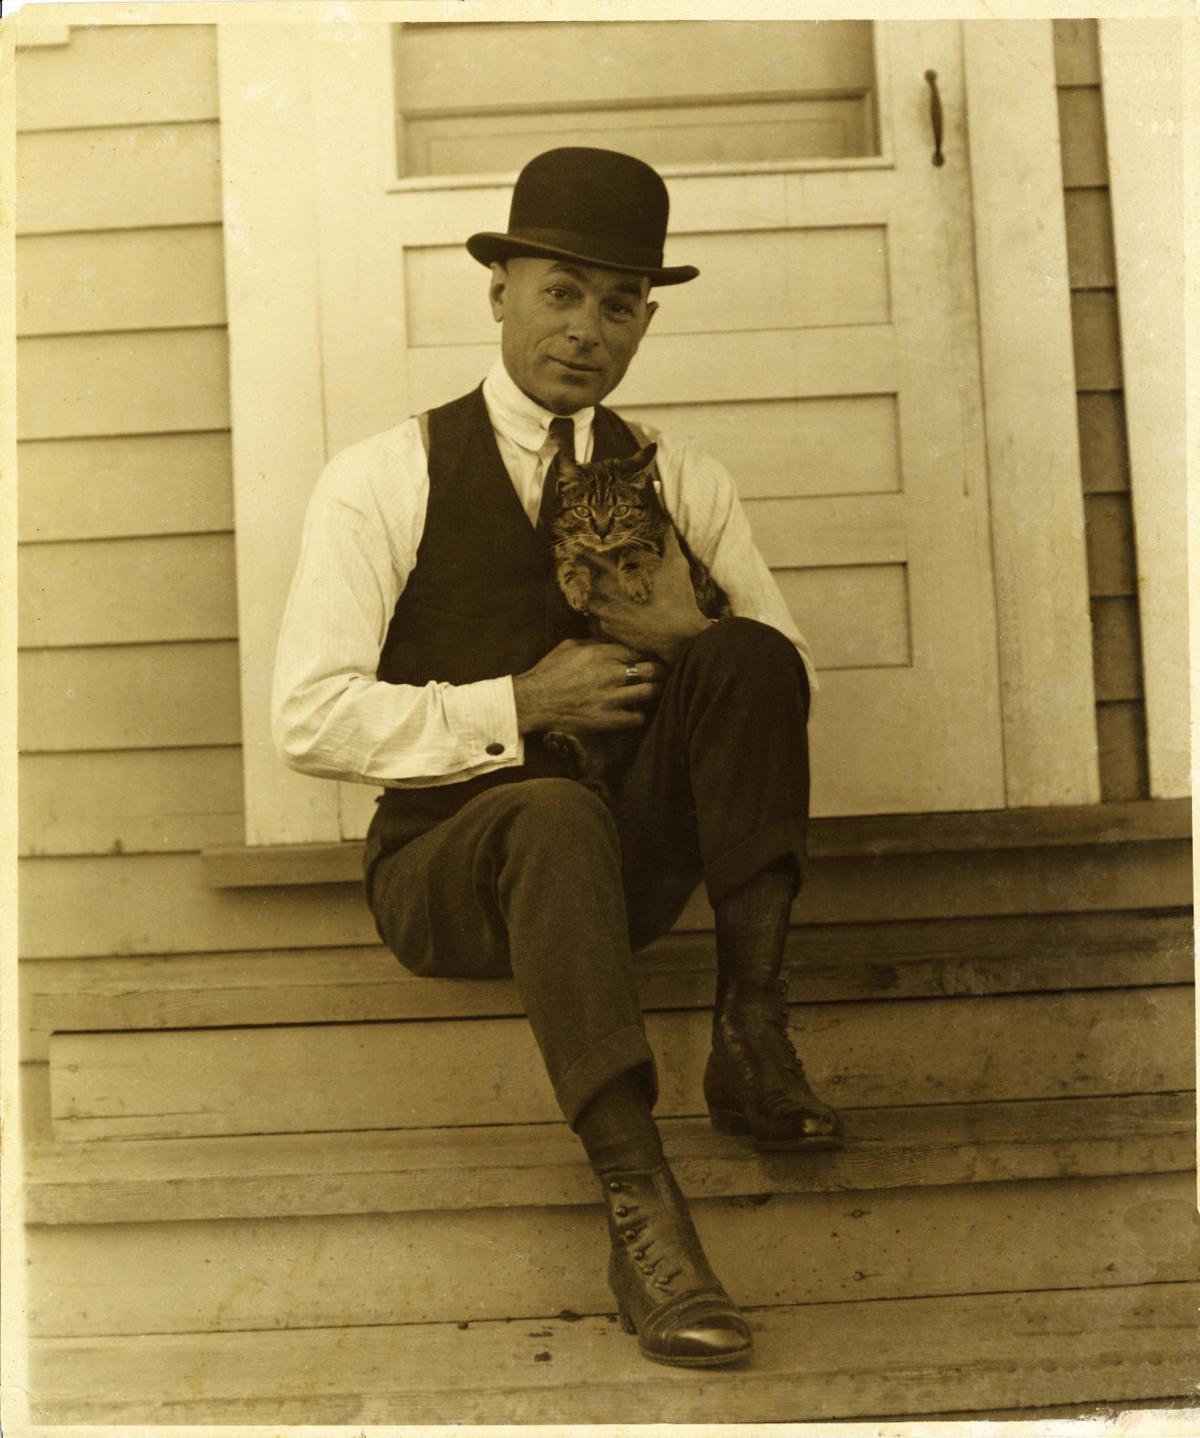 11. herriman and cat .jpg